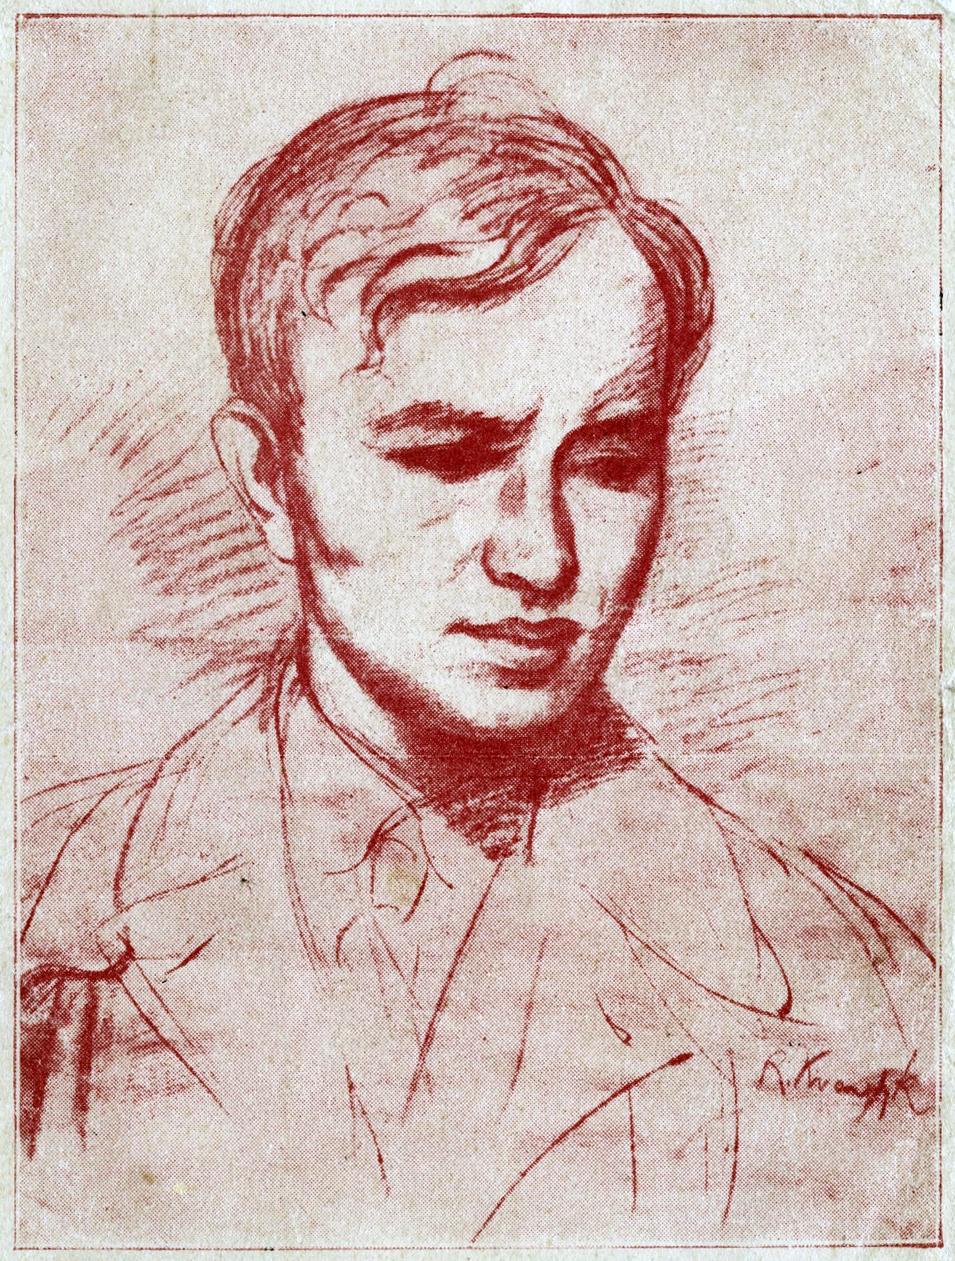 Roman_Kramsztyk_-_Portret_Józefa_Czechowicza